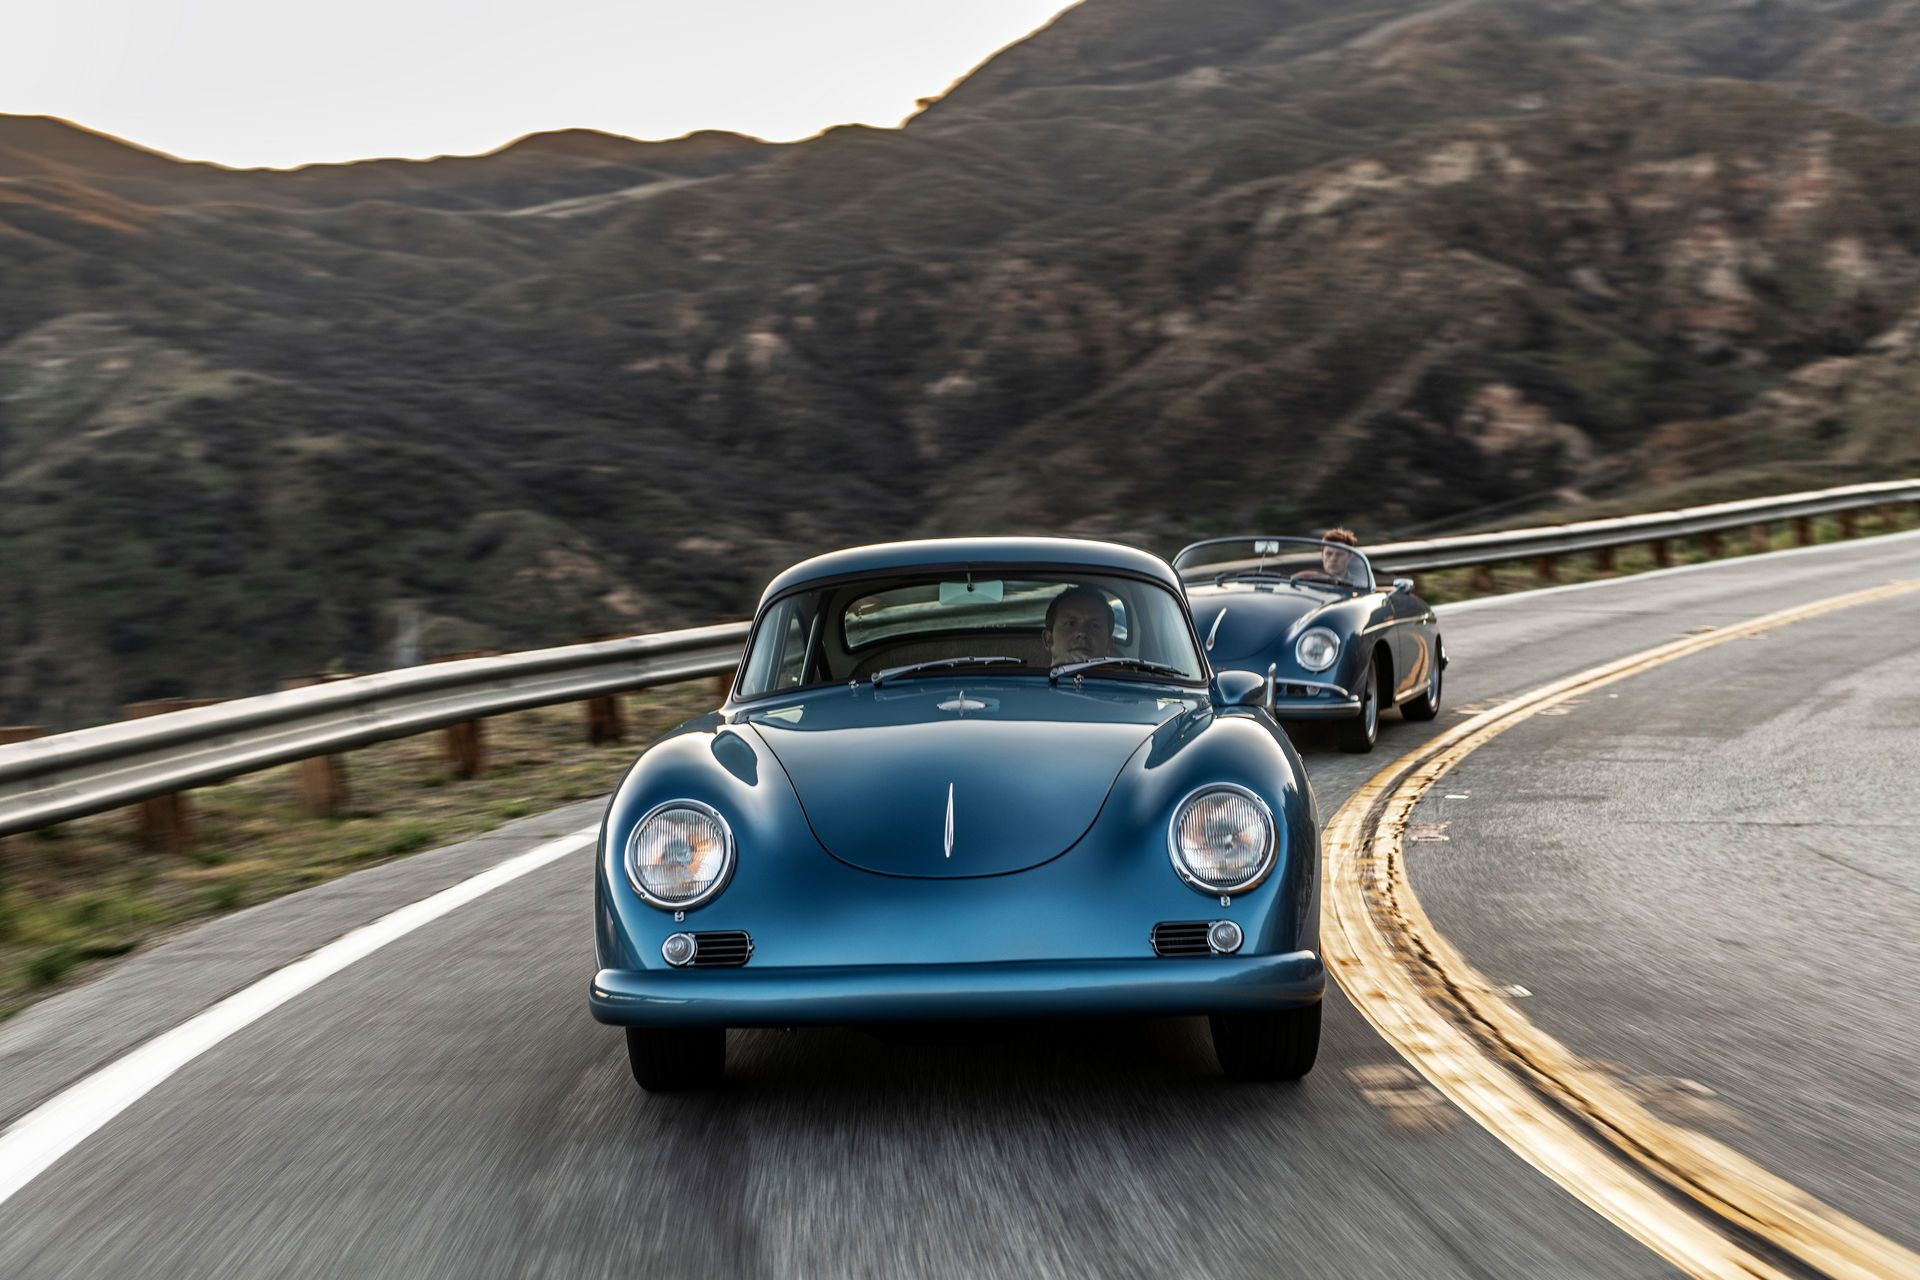 Porsche-356-A-Coupe-Restomod-Emory-Motorsports-23